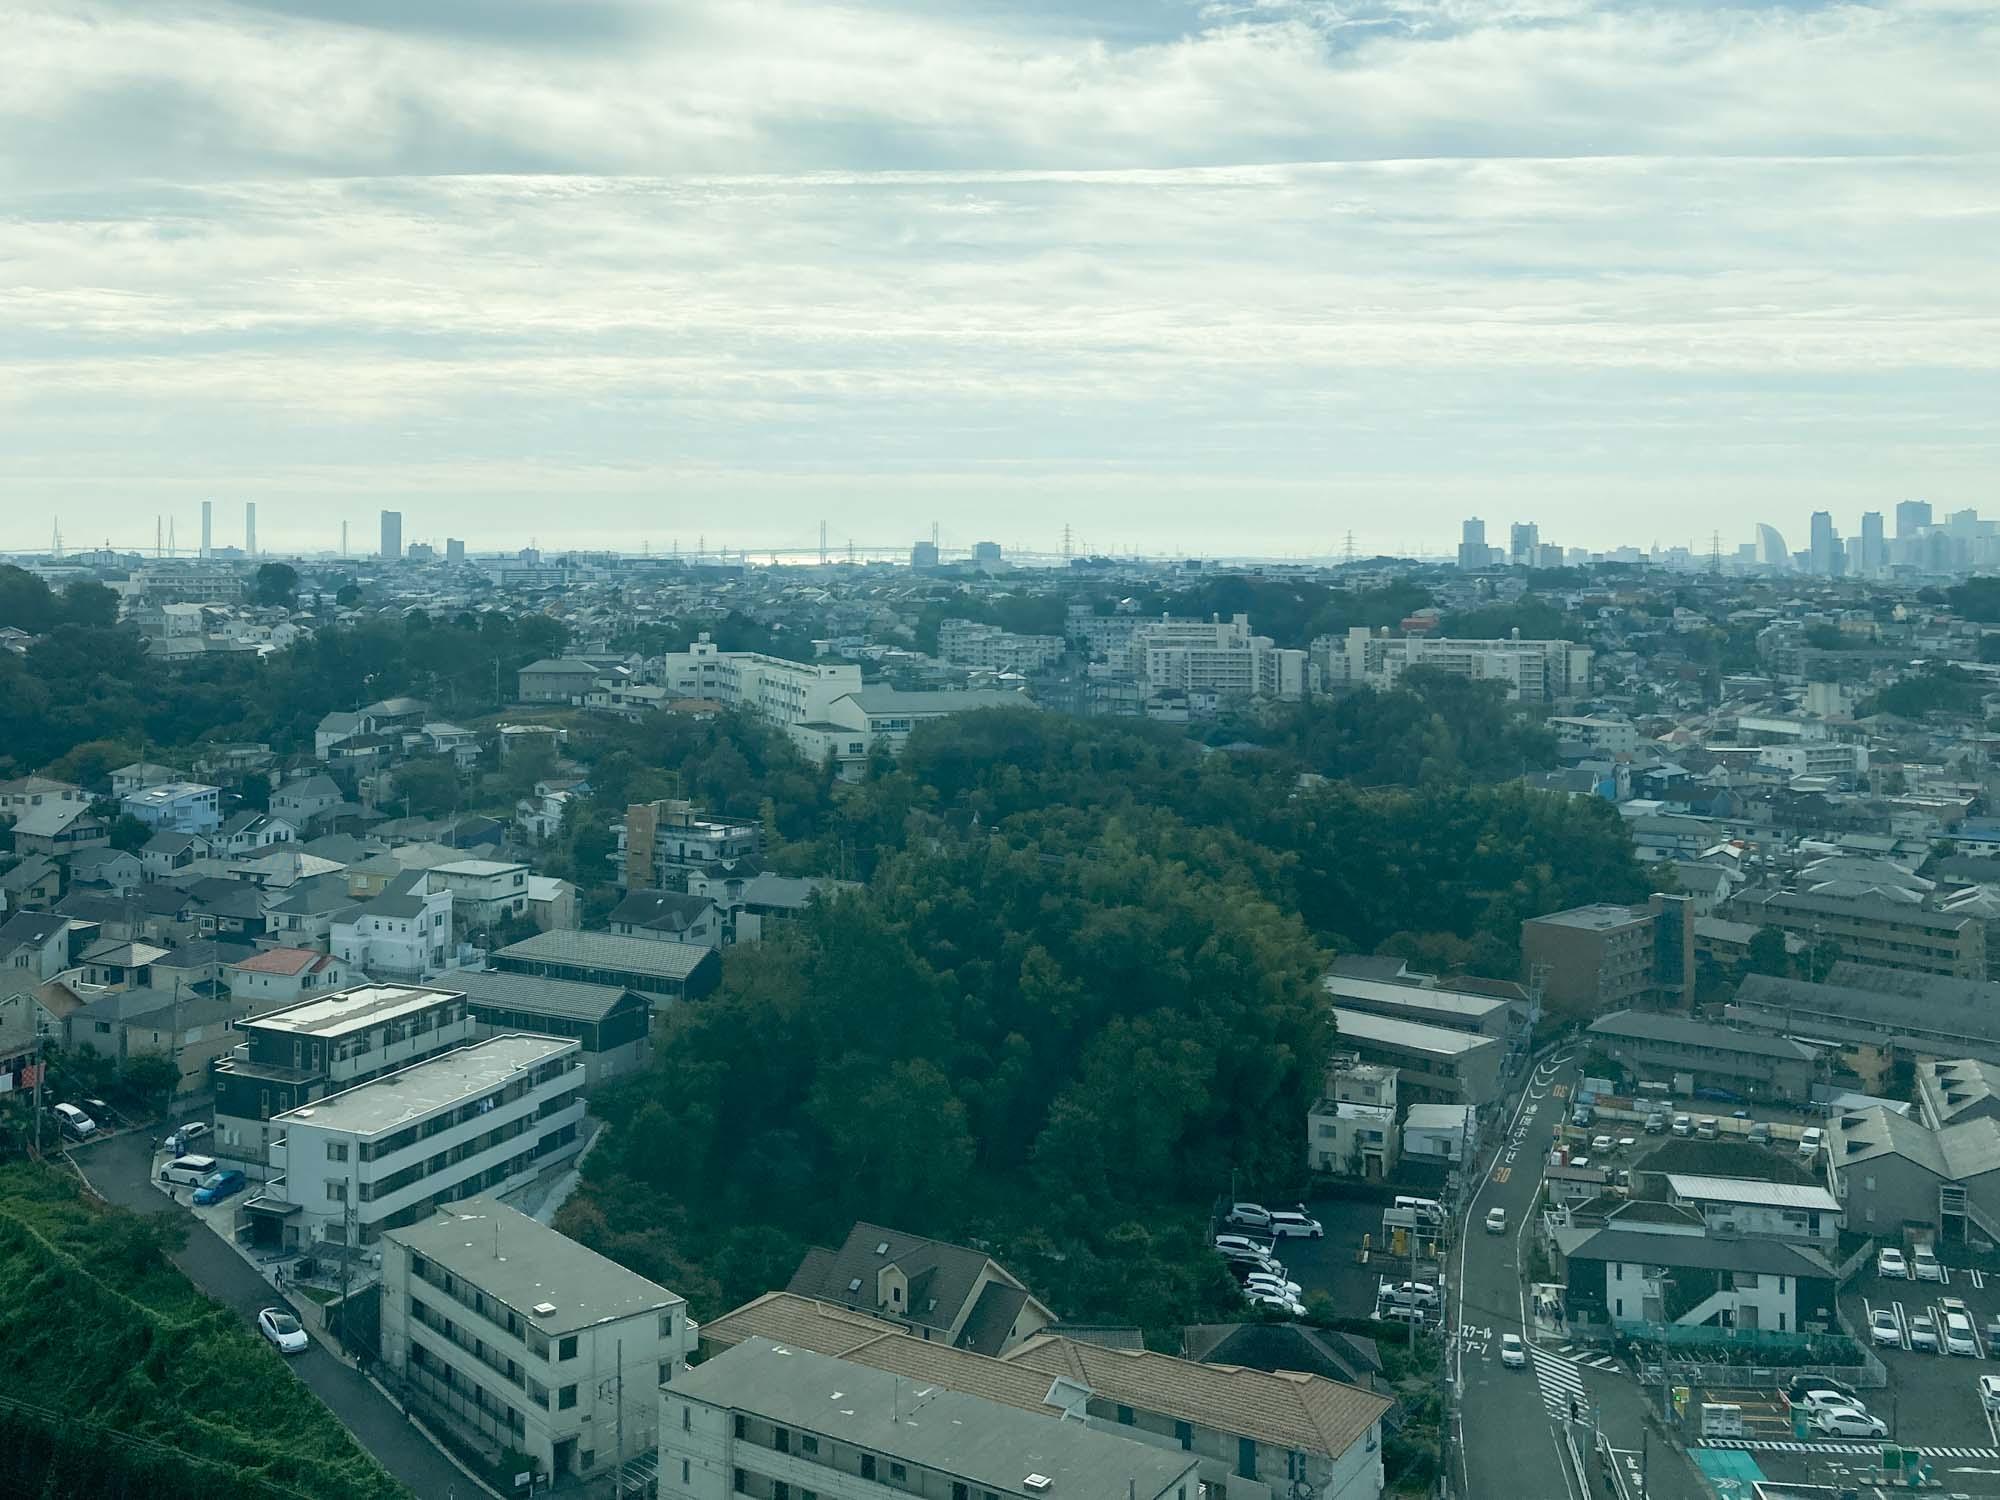 高層階にあるホテルのため、眺めもいいんです。南側のお部屋からは、海やベイブリッジ、みなとみらいの高層ビル群まで見通せました。